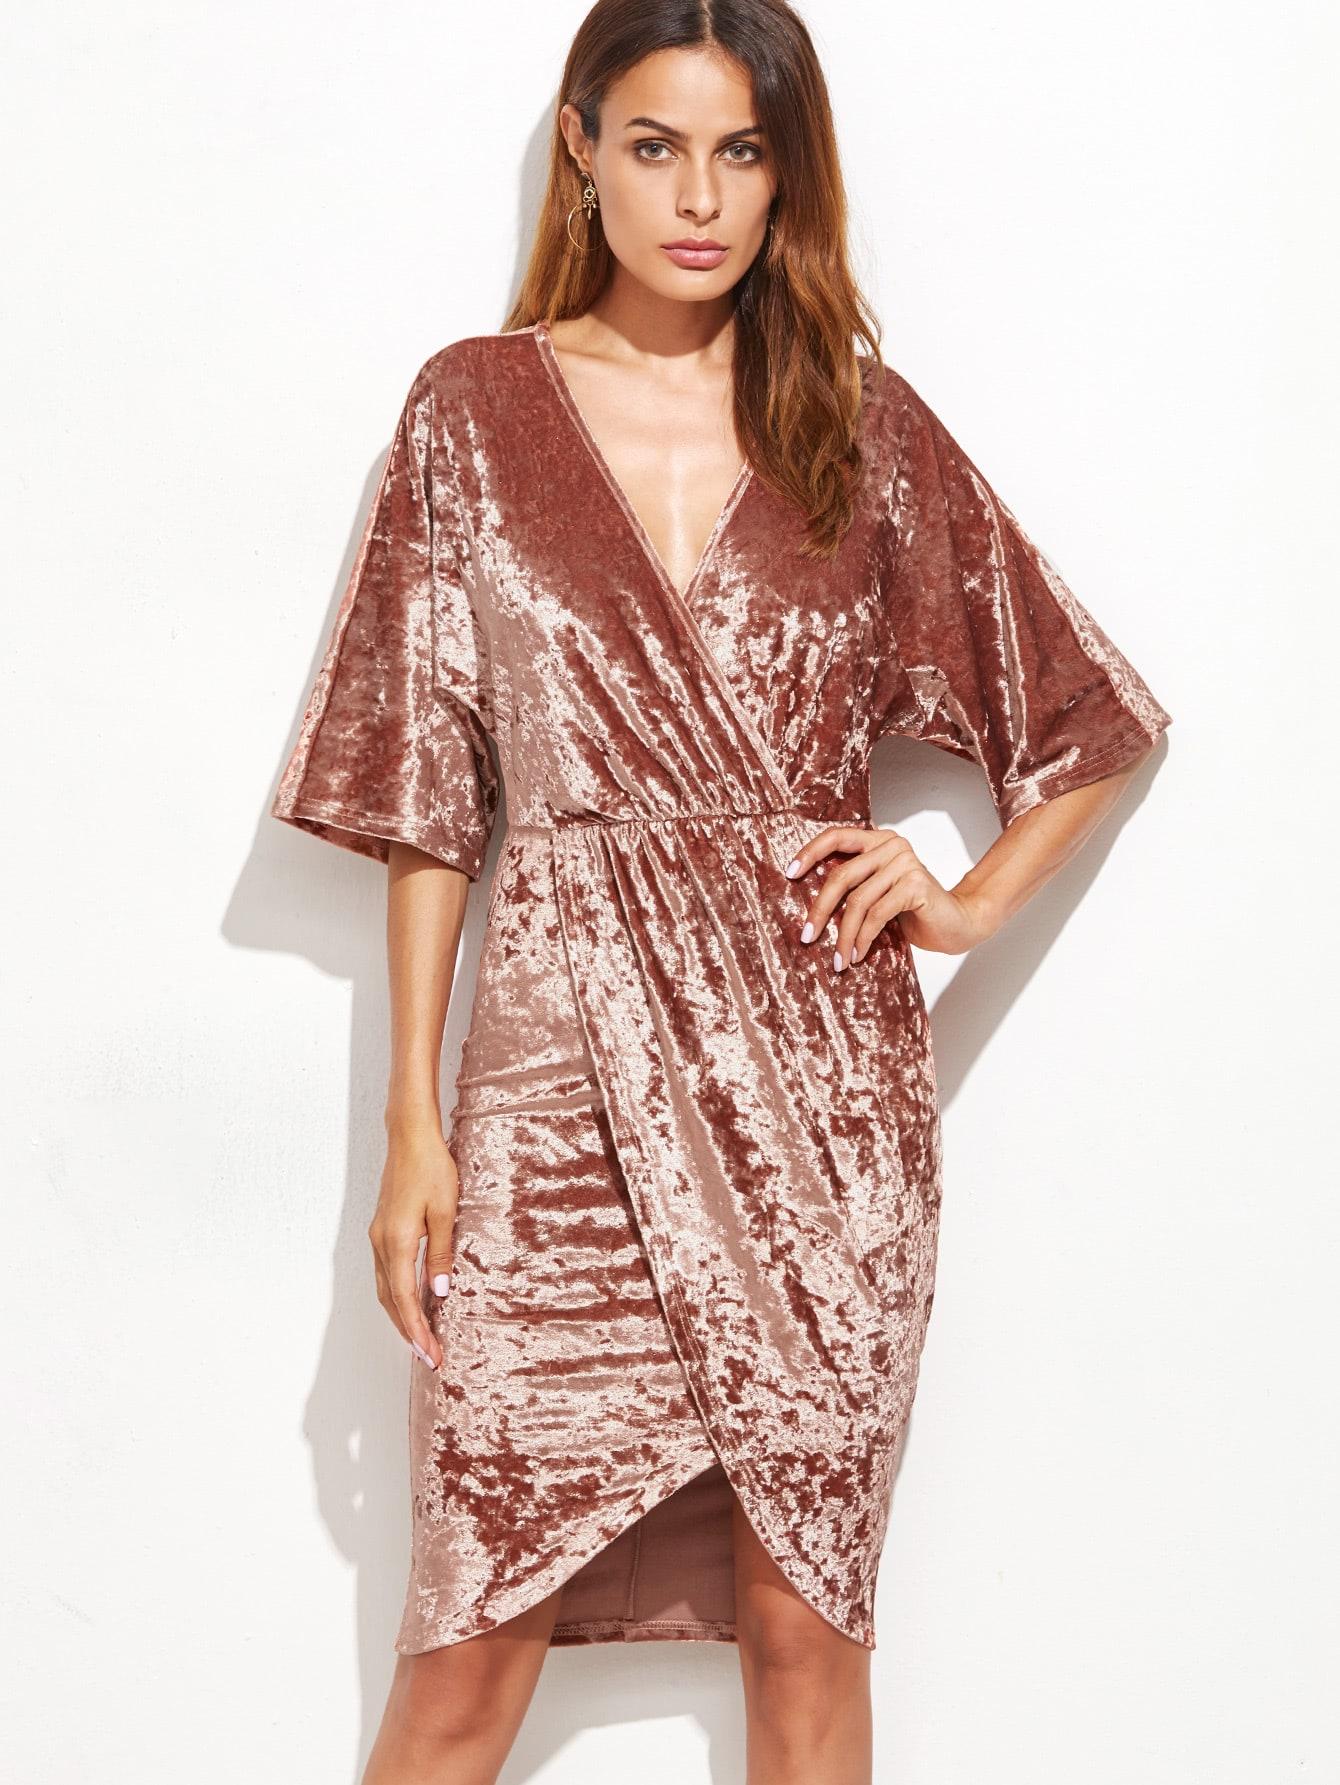 dress161020719_2